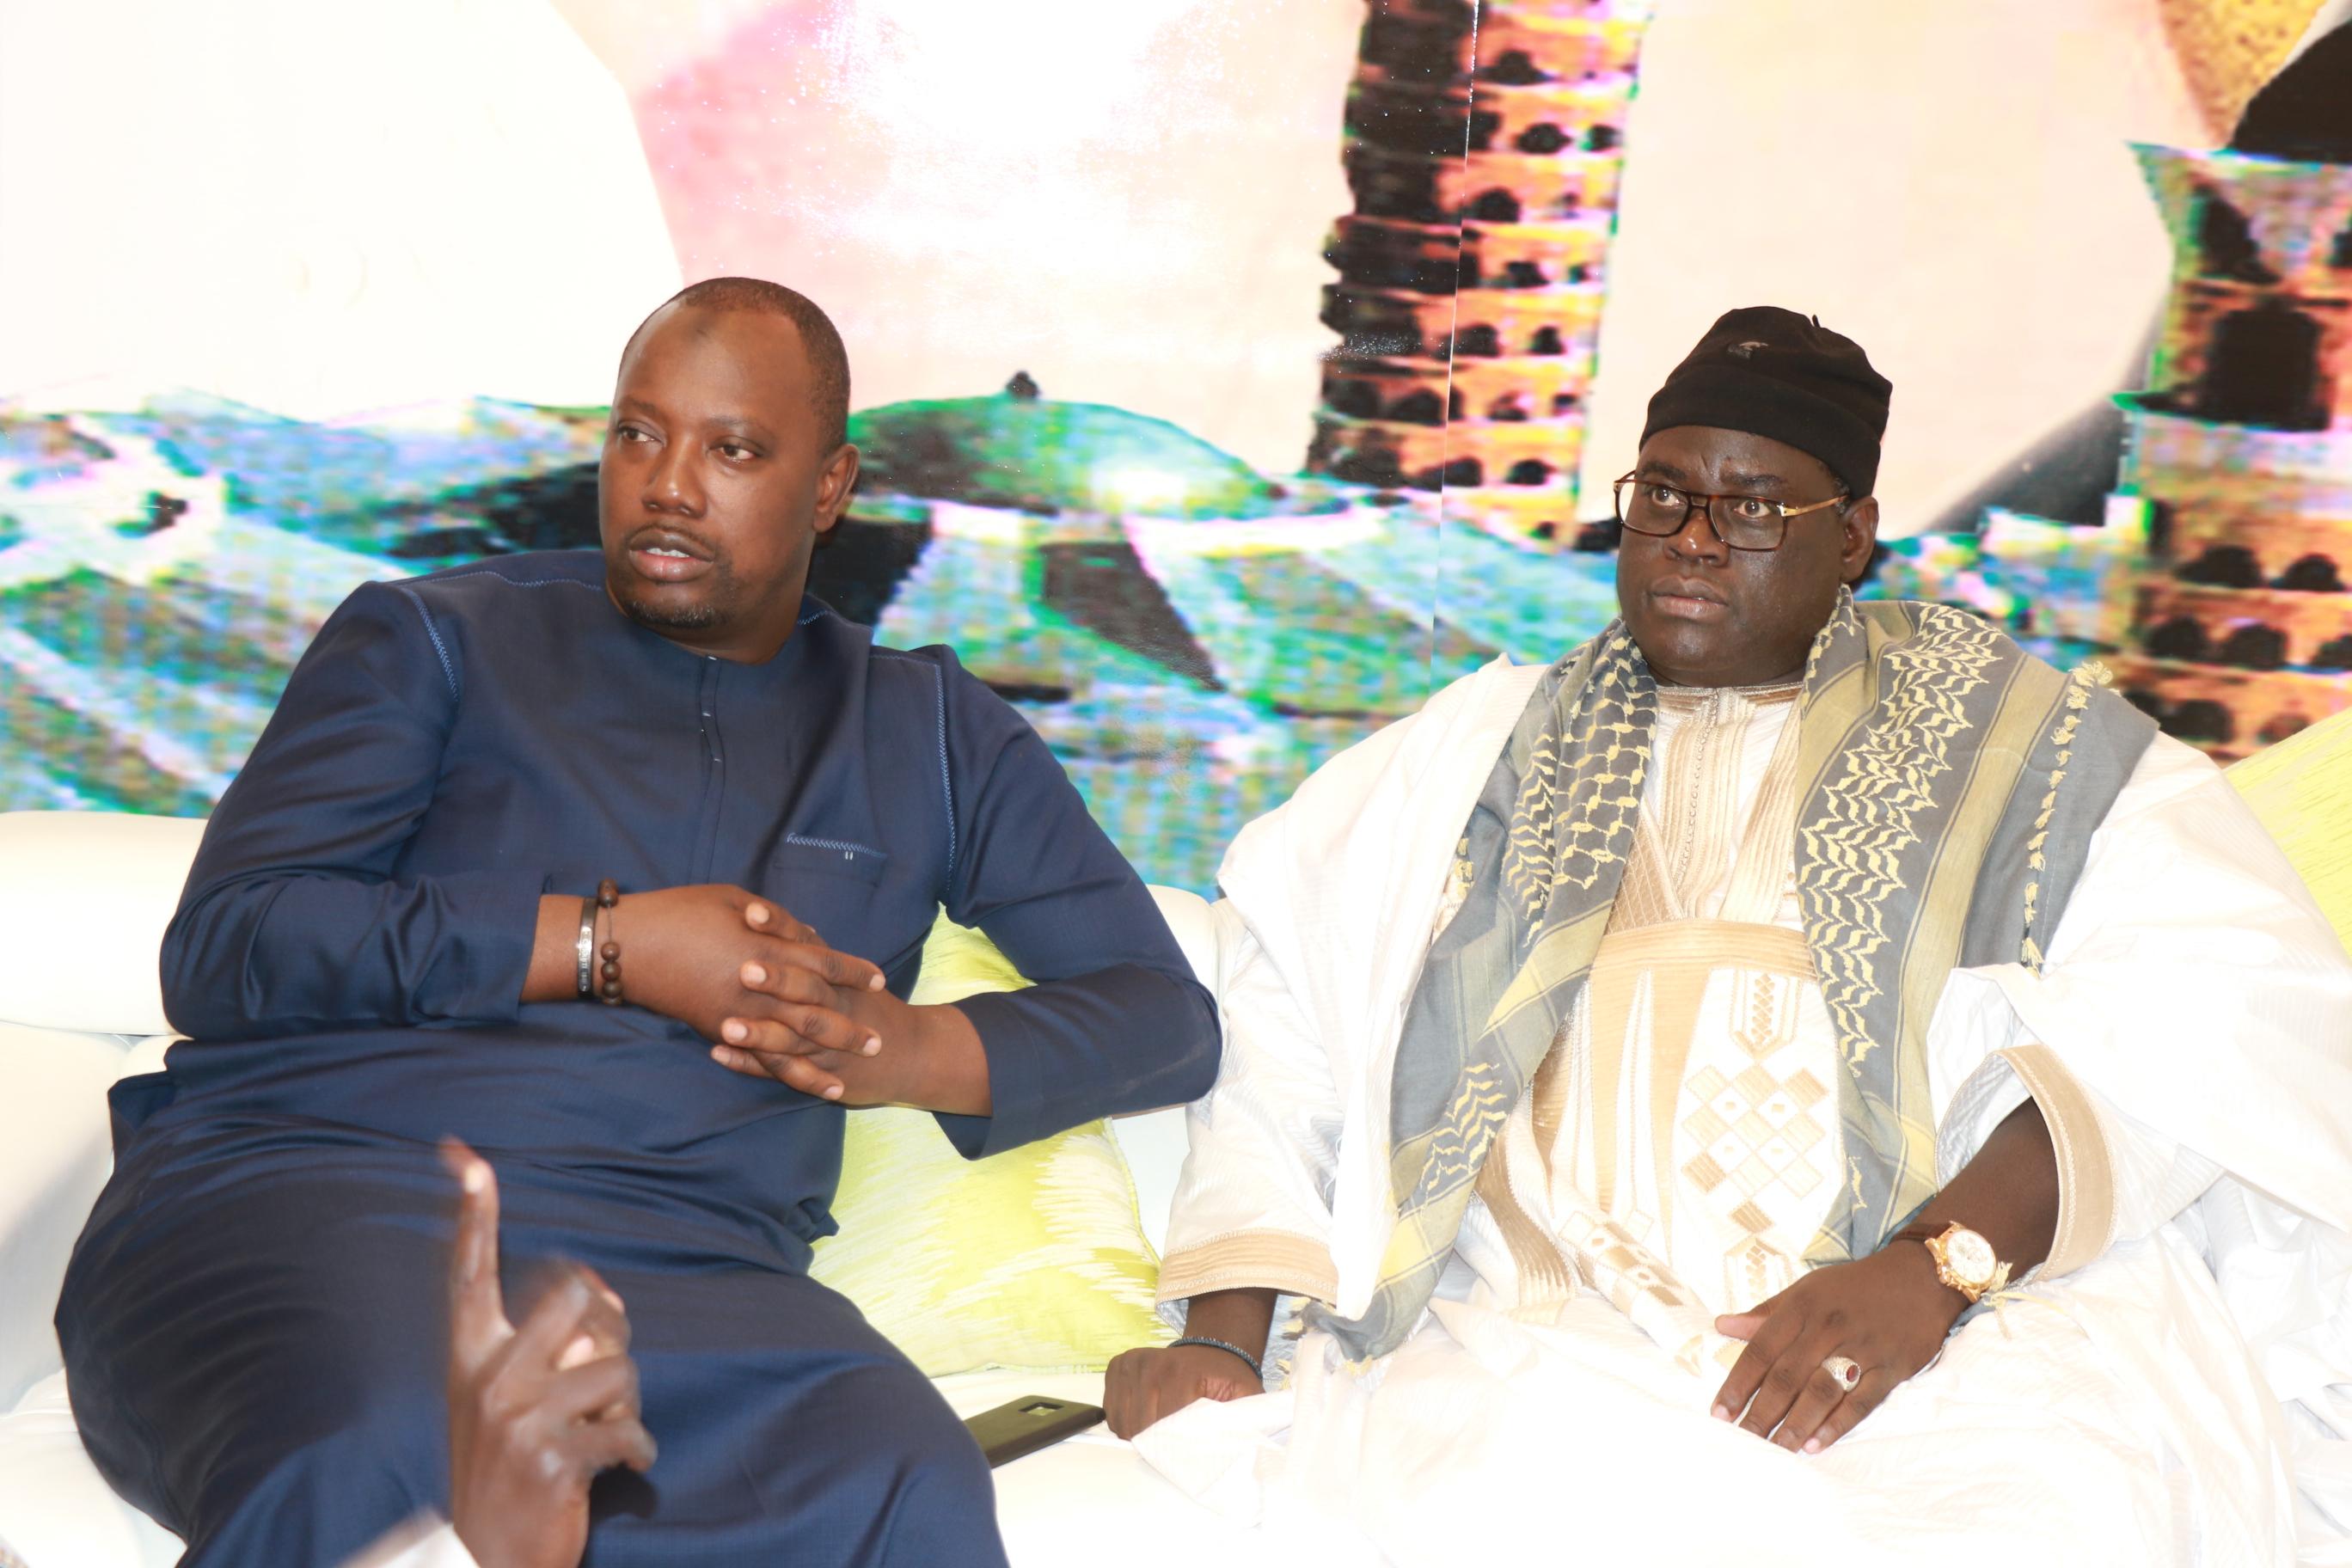 Maouloud 2019 : Revivez en images la tournée de Serigne Bassirou Mbacké Khadim Awa Ba chez Maodo